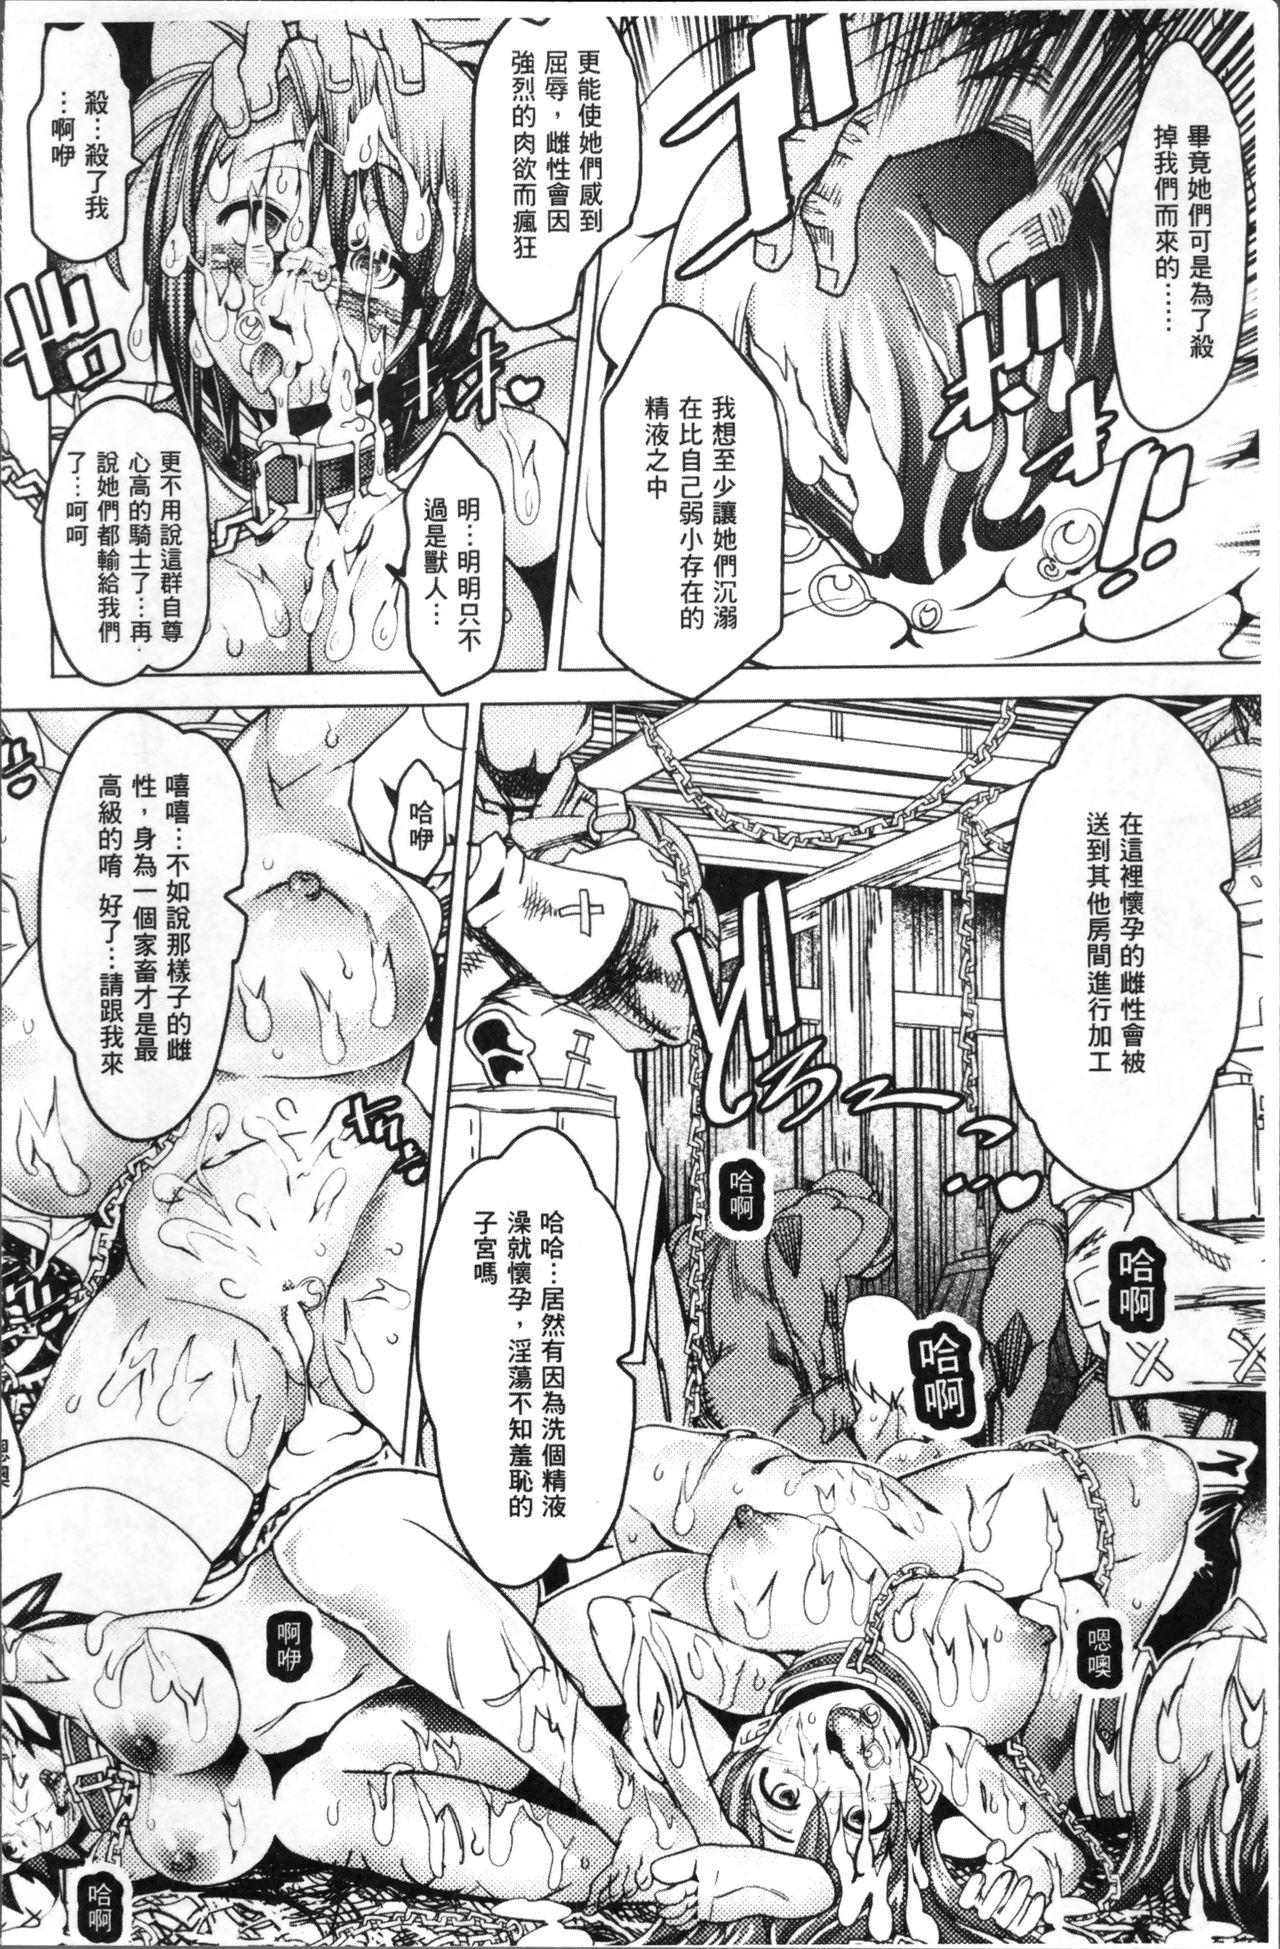 Bessatsu Comic Unreal Ningen Bokujou Hen 4 23